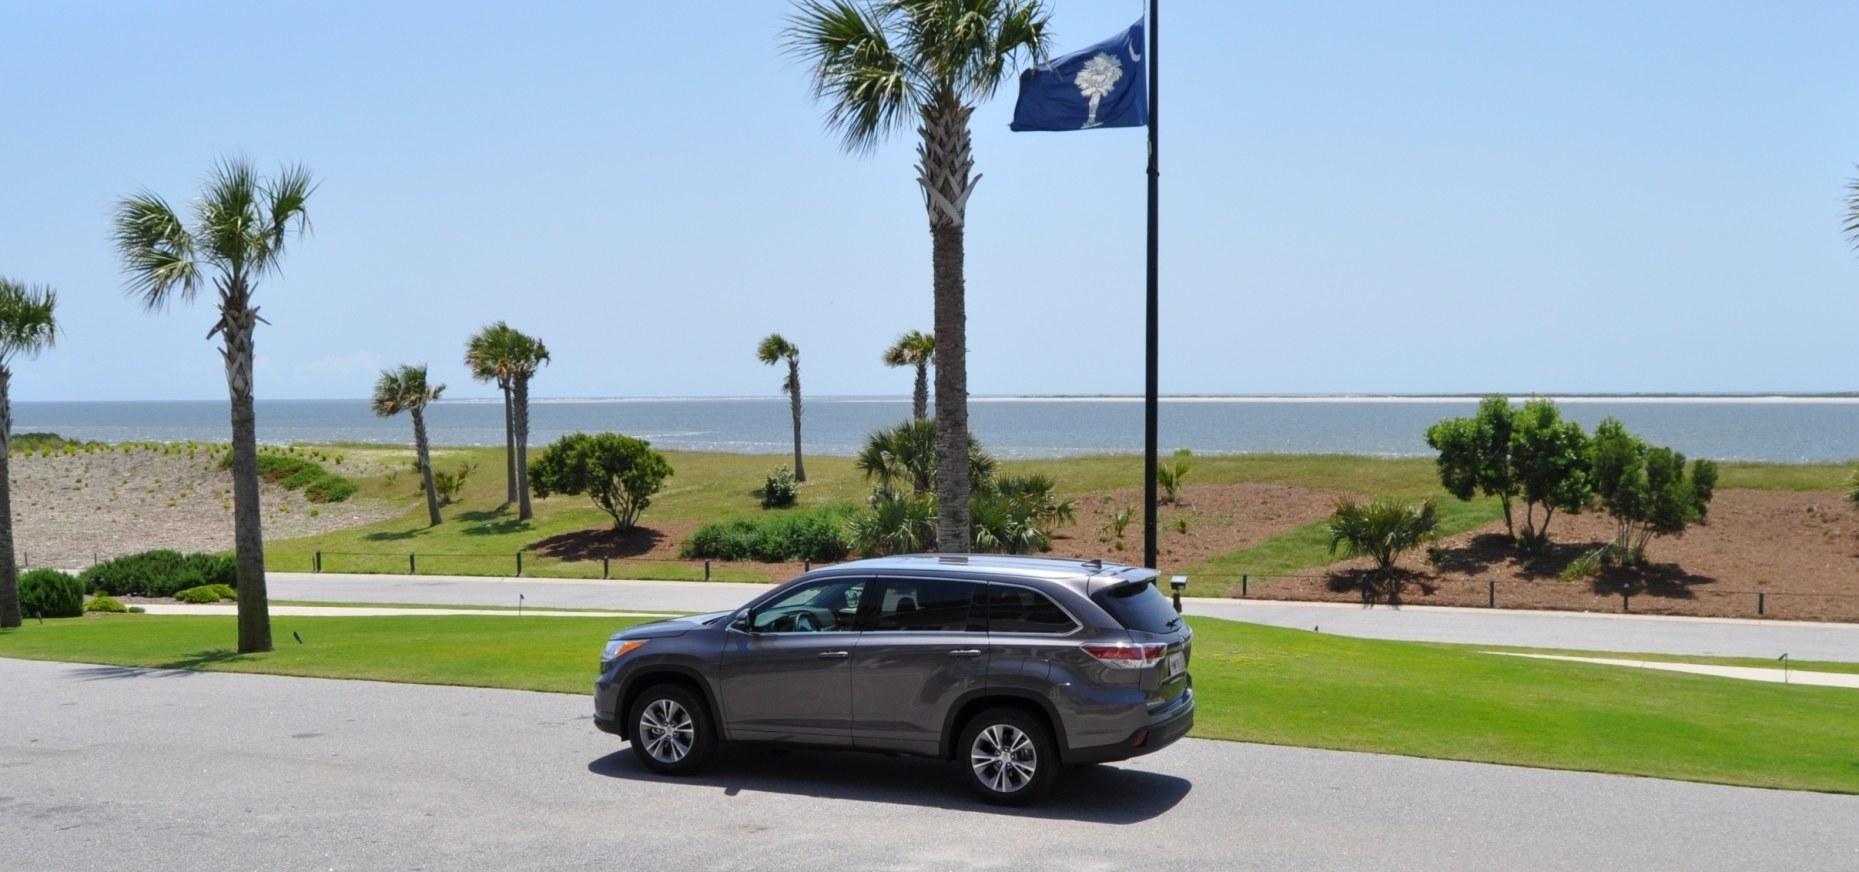 Car-Revs-Daily.com Road Test Review - 2014 Toyota Highlander XLE V6 94